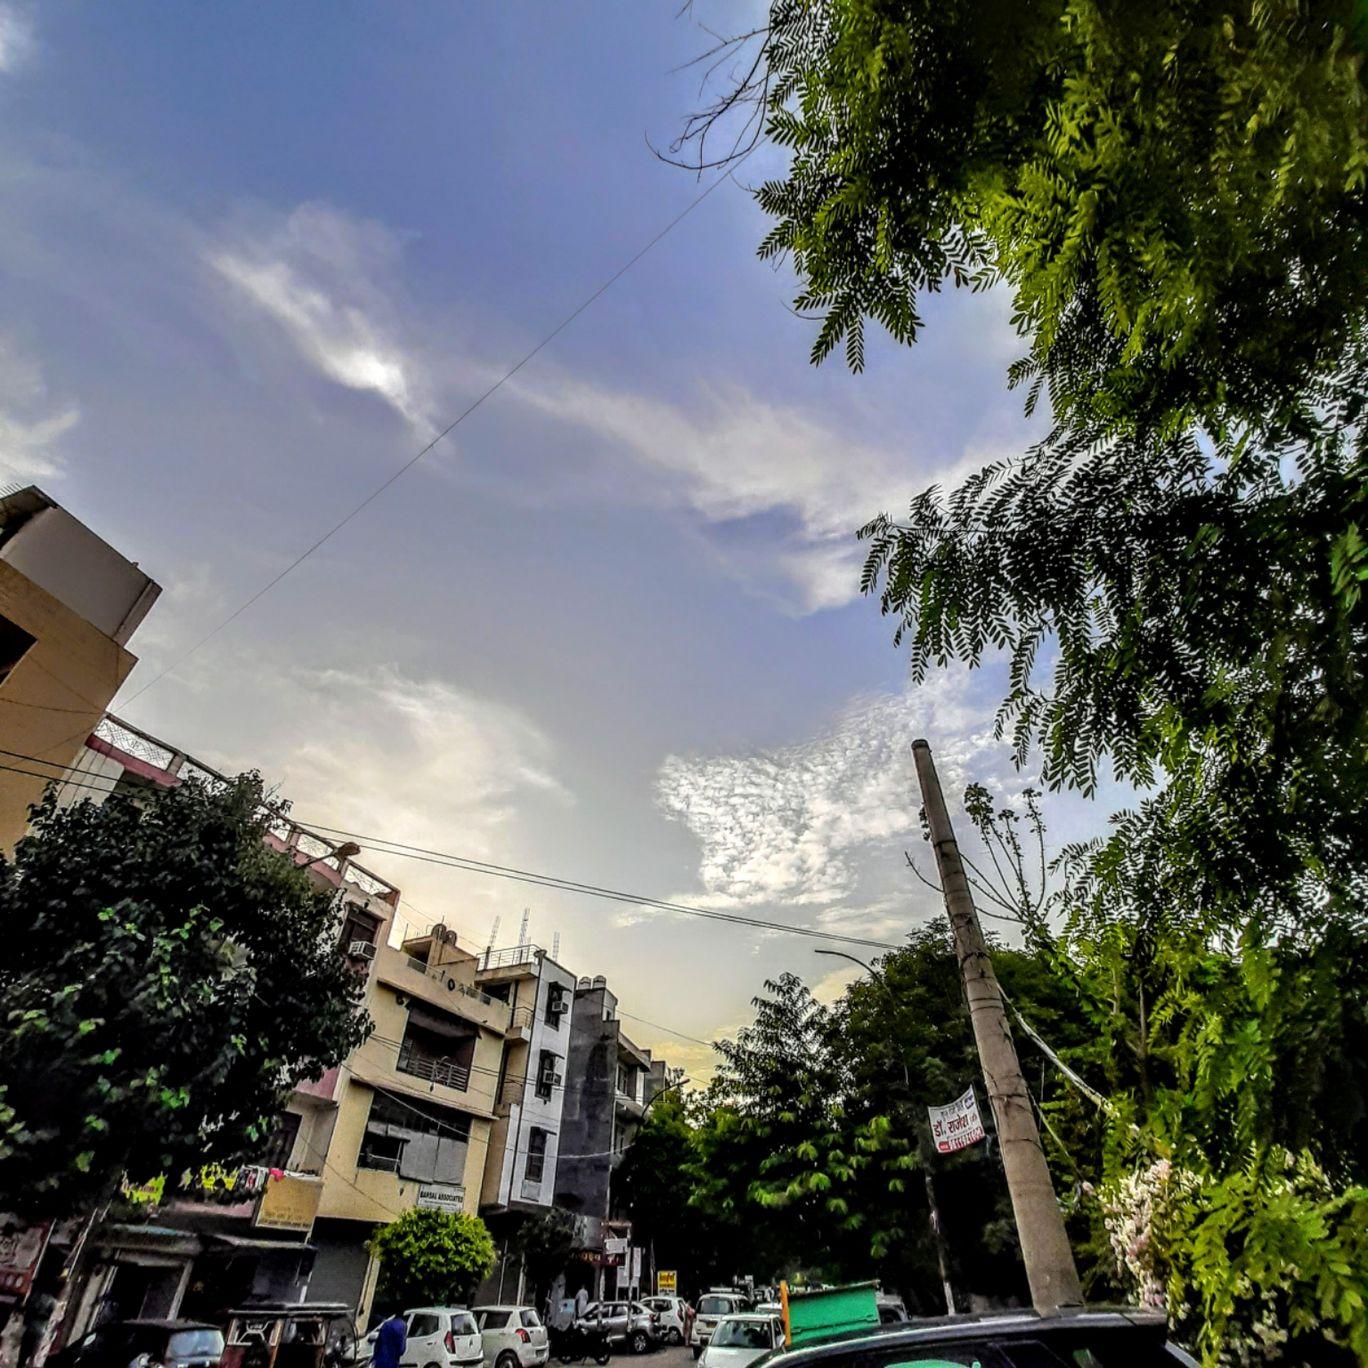 Photo of Shashi Garden By Nomadic mourish